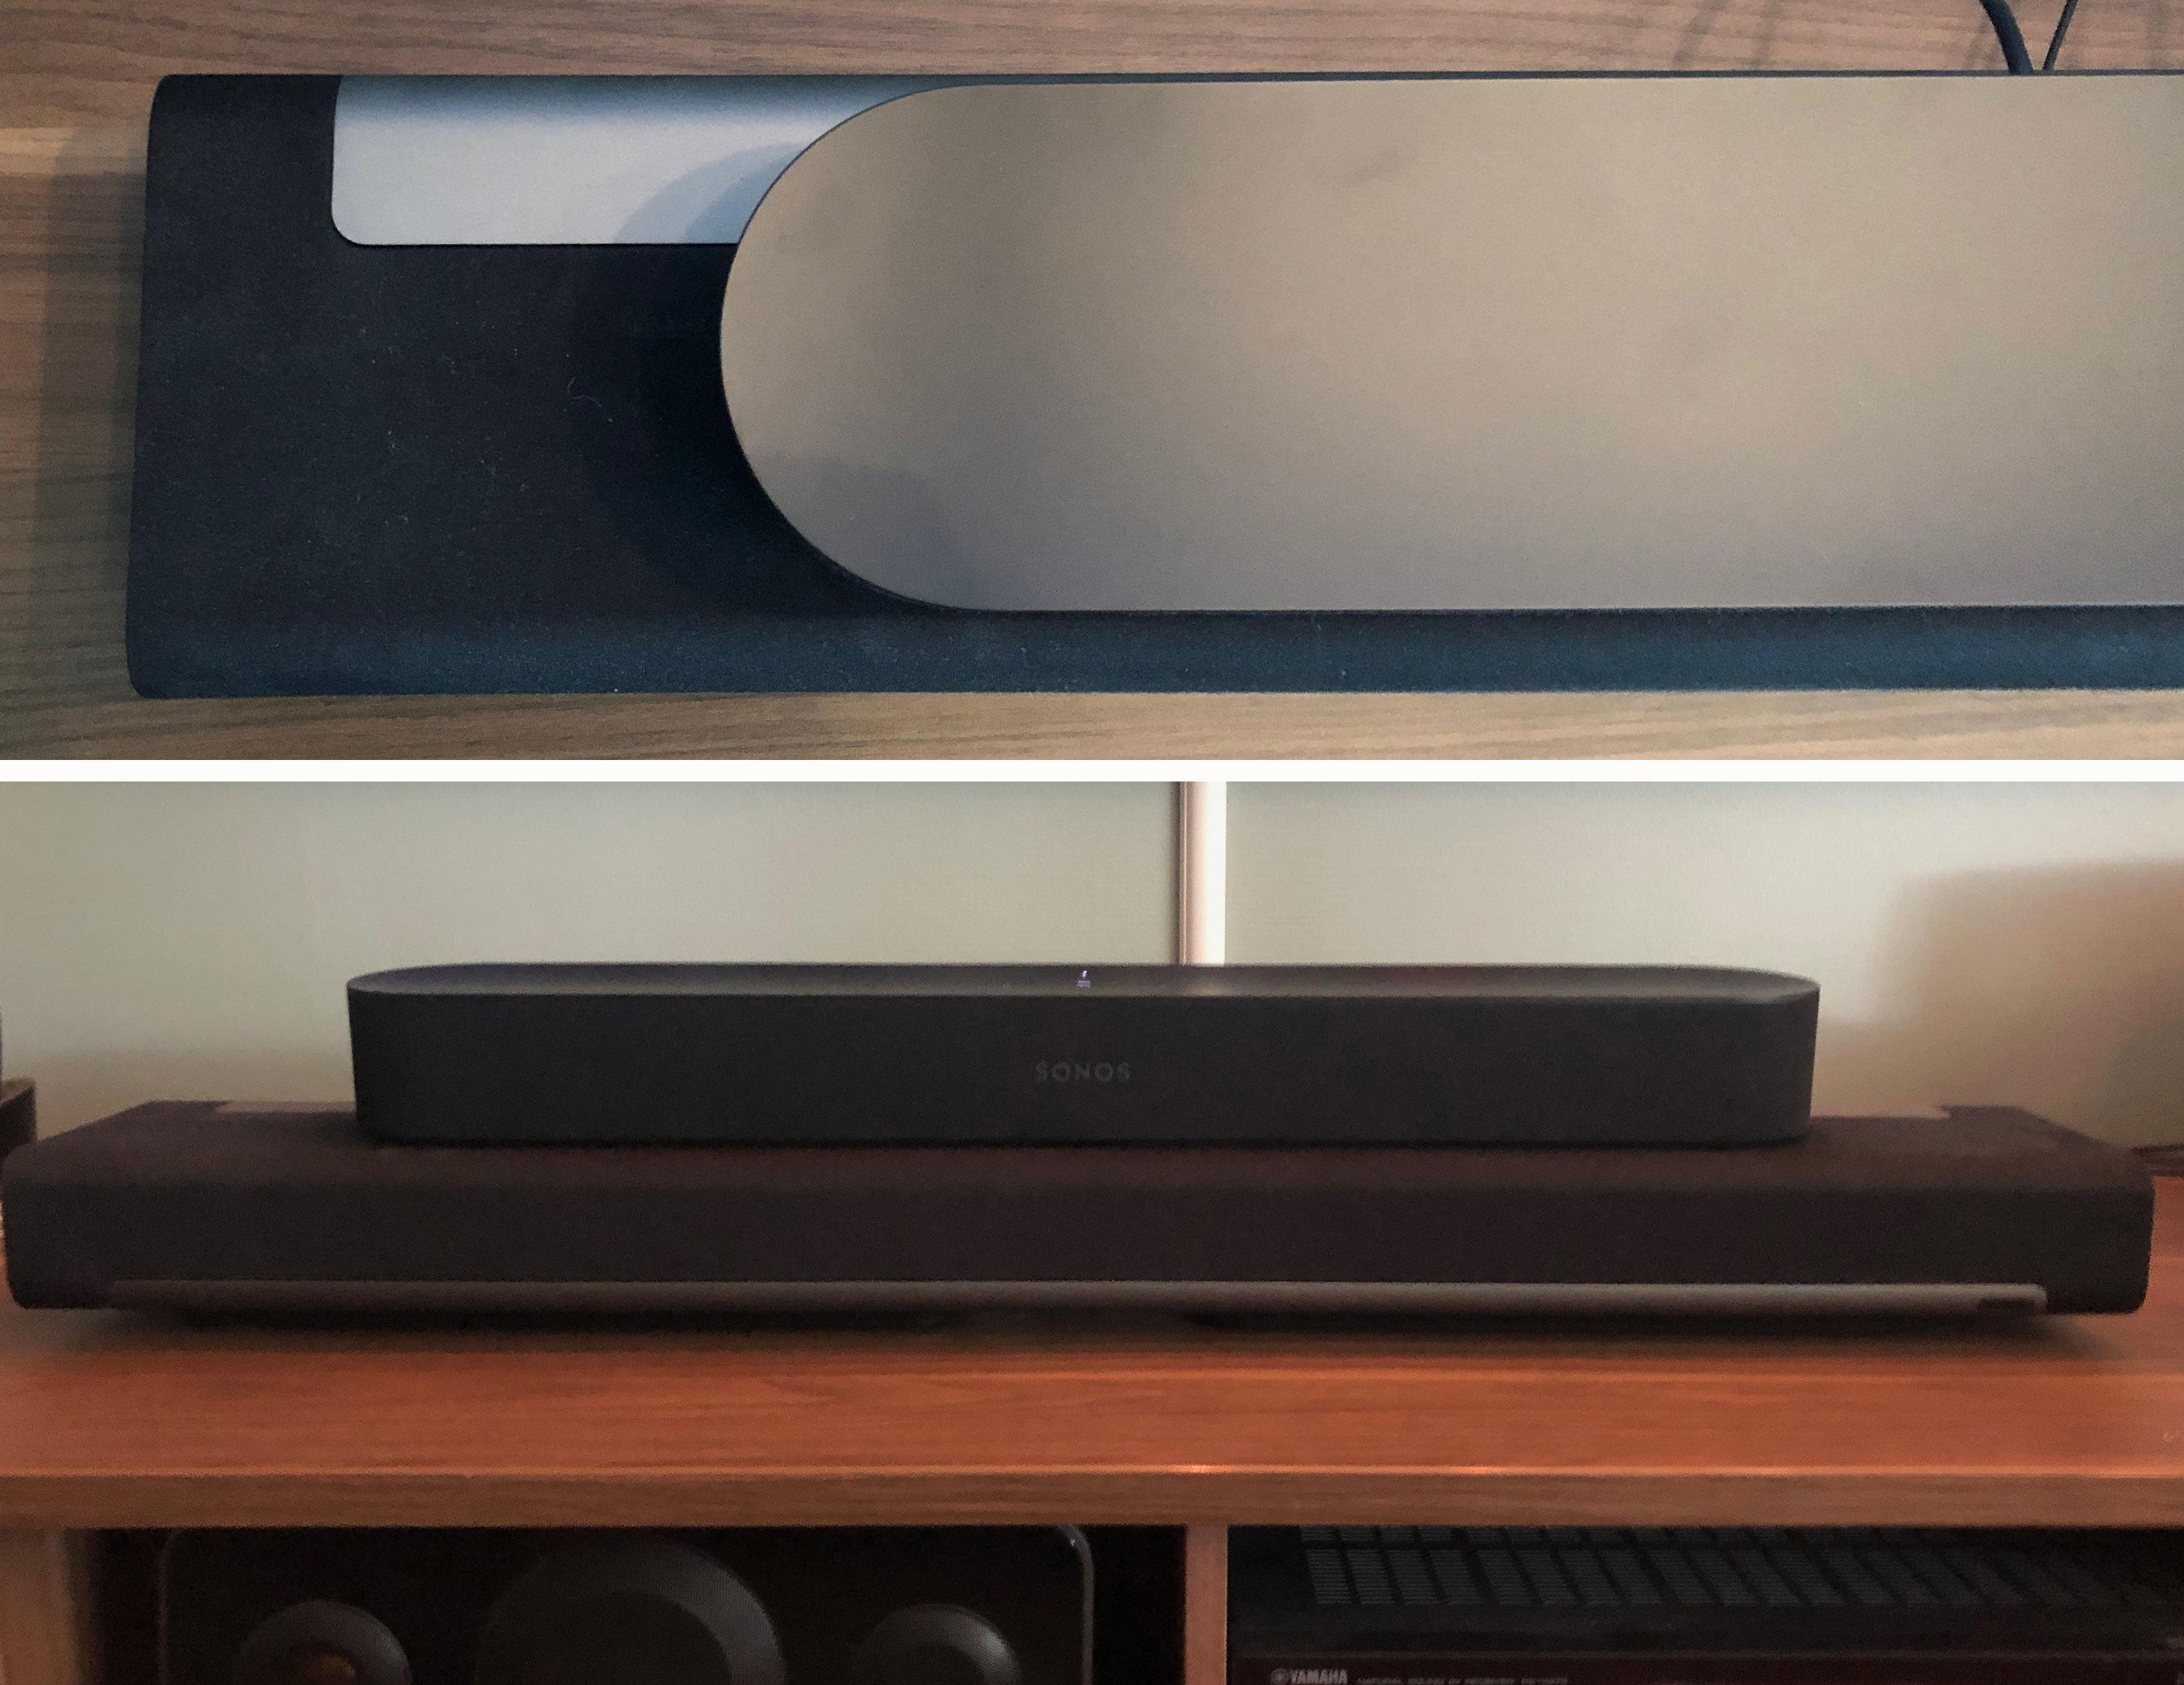 Sonos Beam er betydelig mindre enn Sonos Playbar. Likevel låter den ikke så veldig mye dårligere.